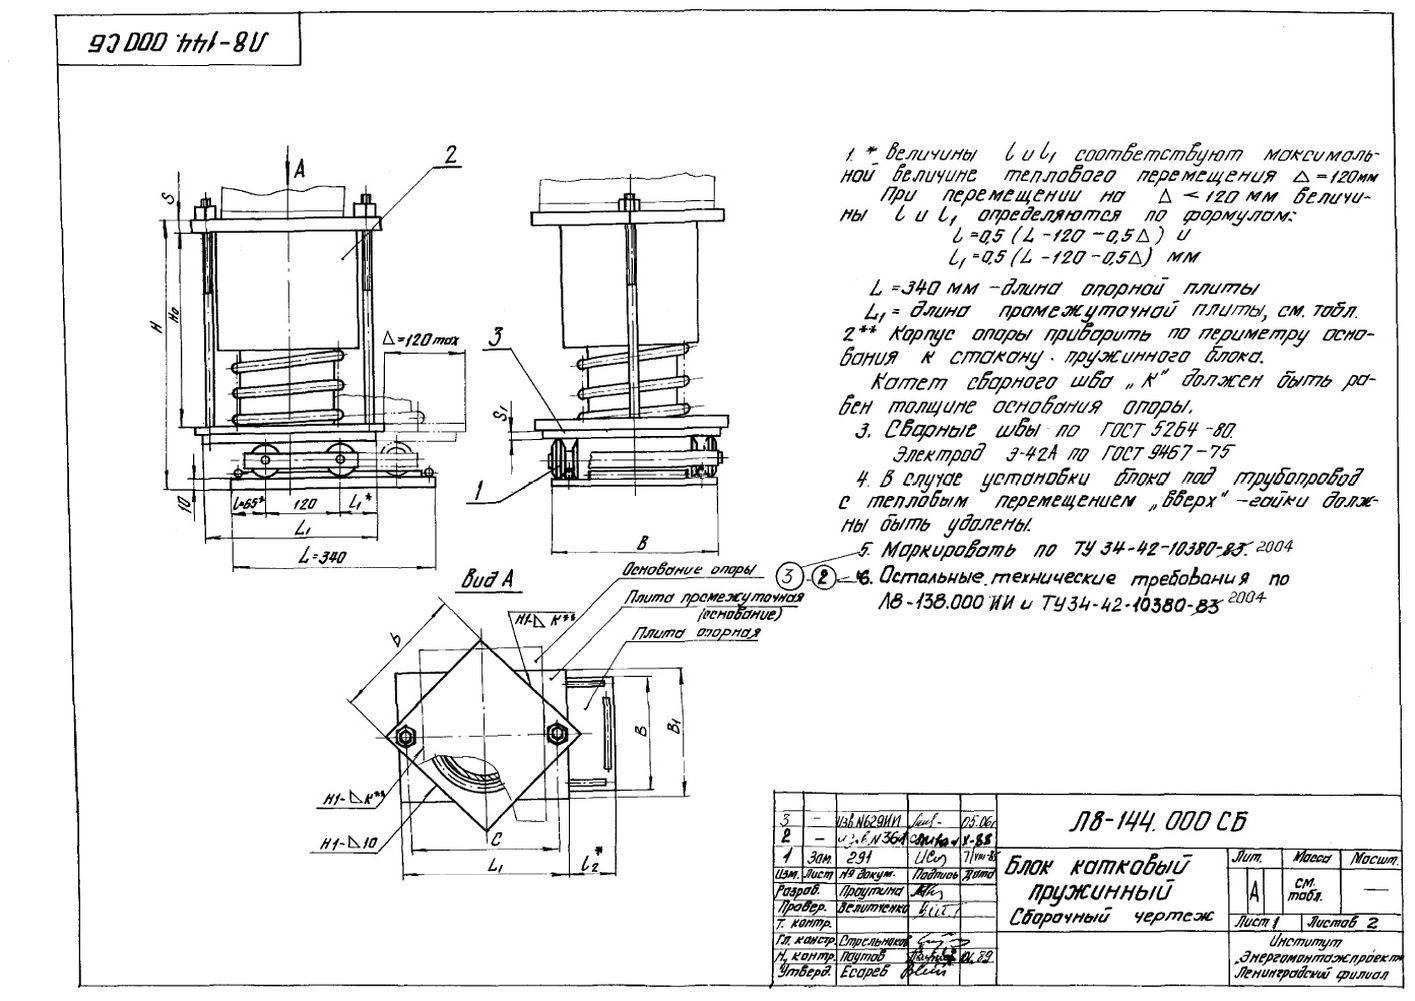 Блок катковый пружинный Л8-144.000 стр.1